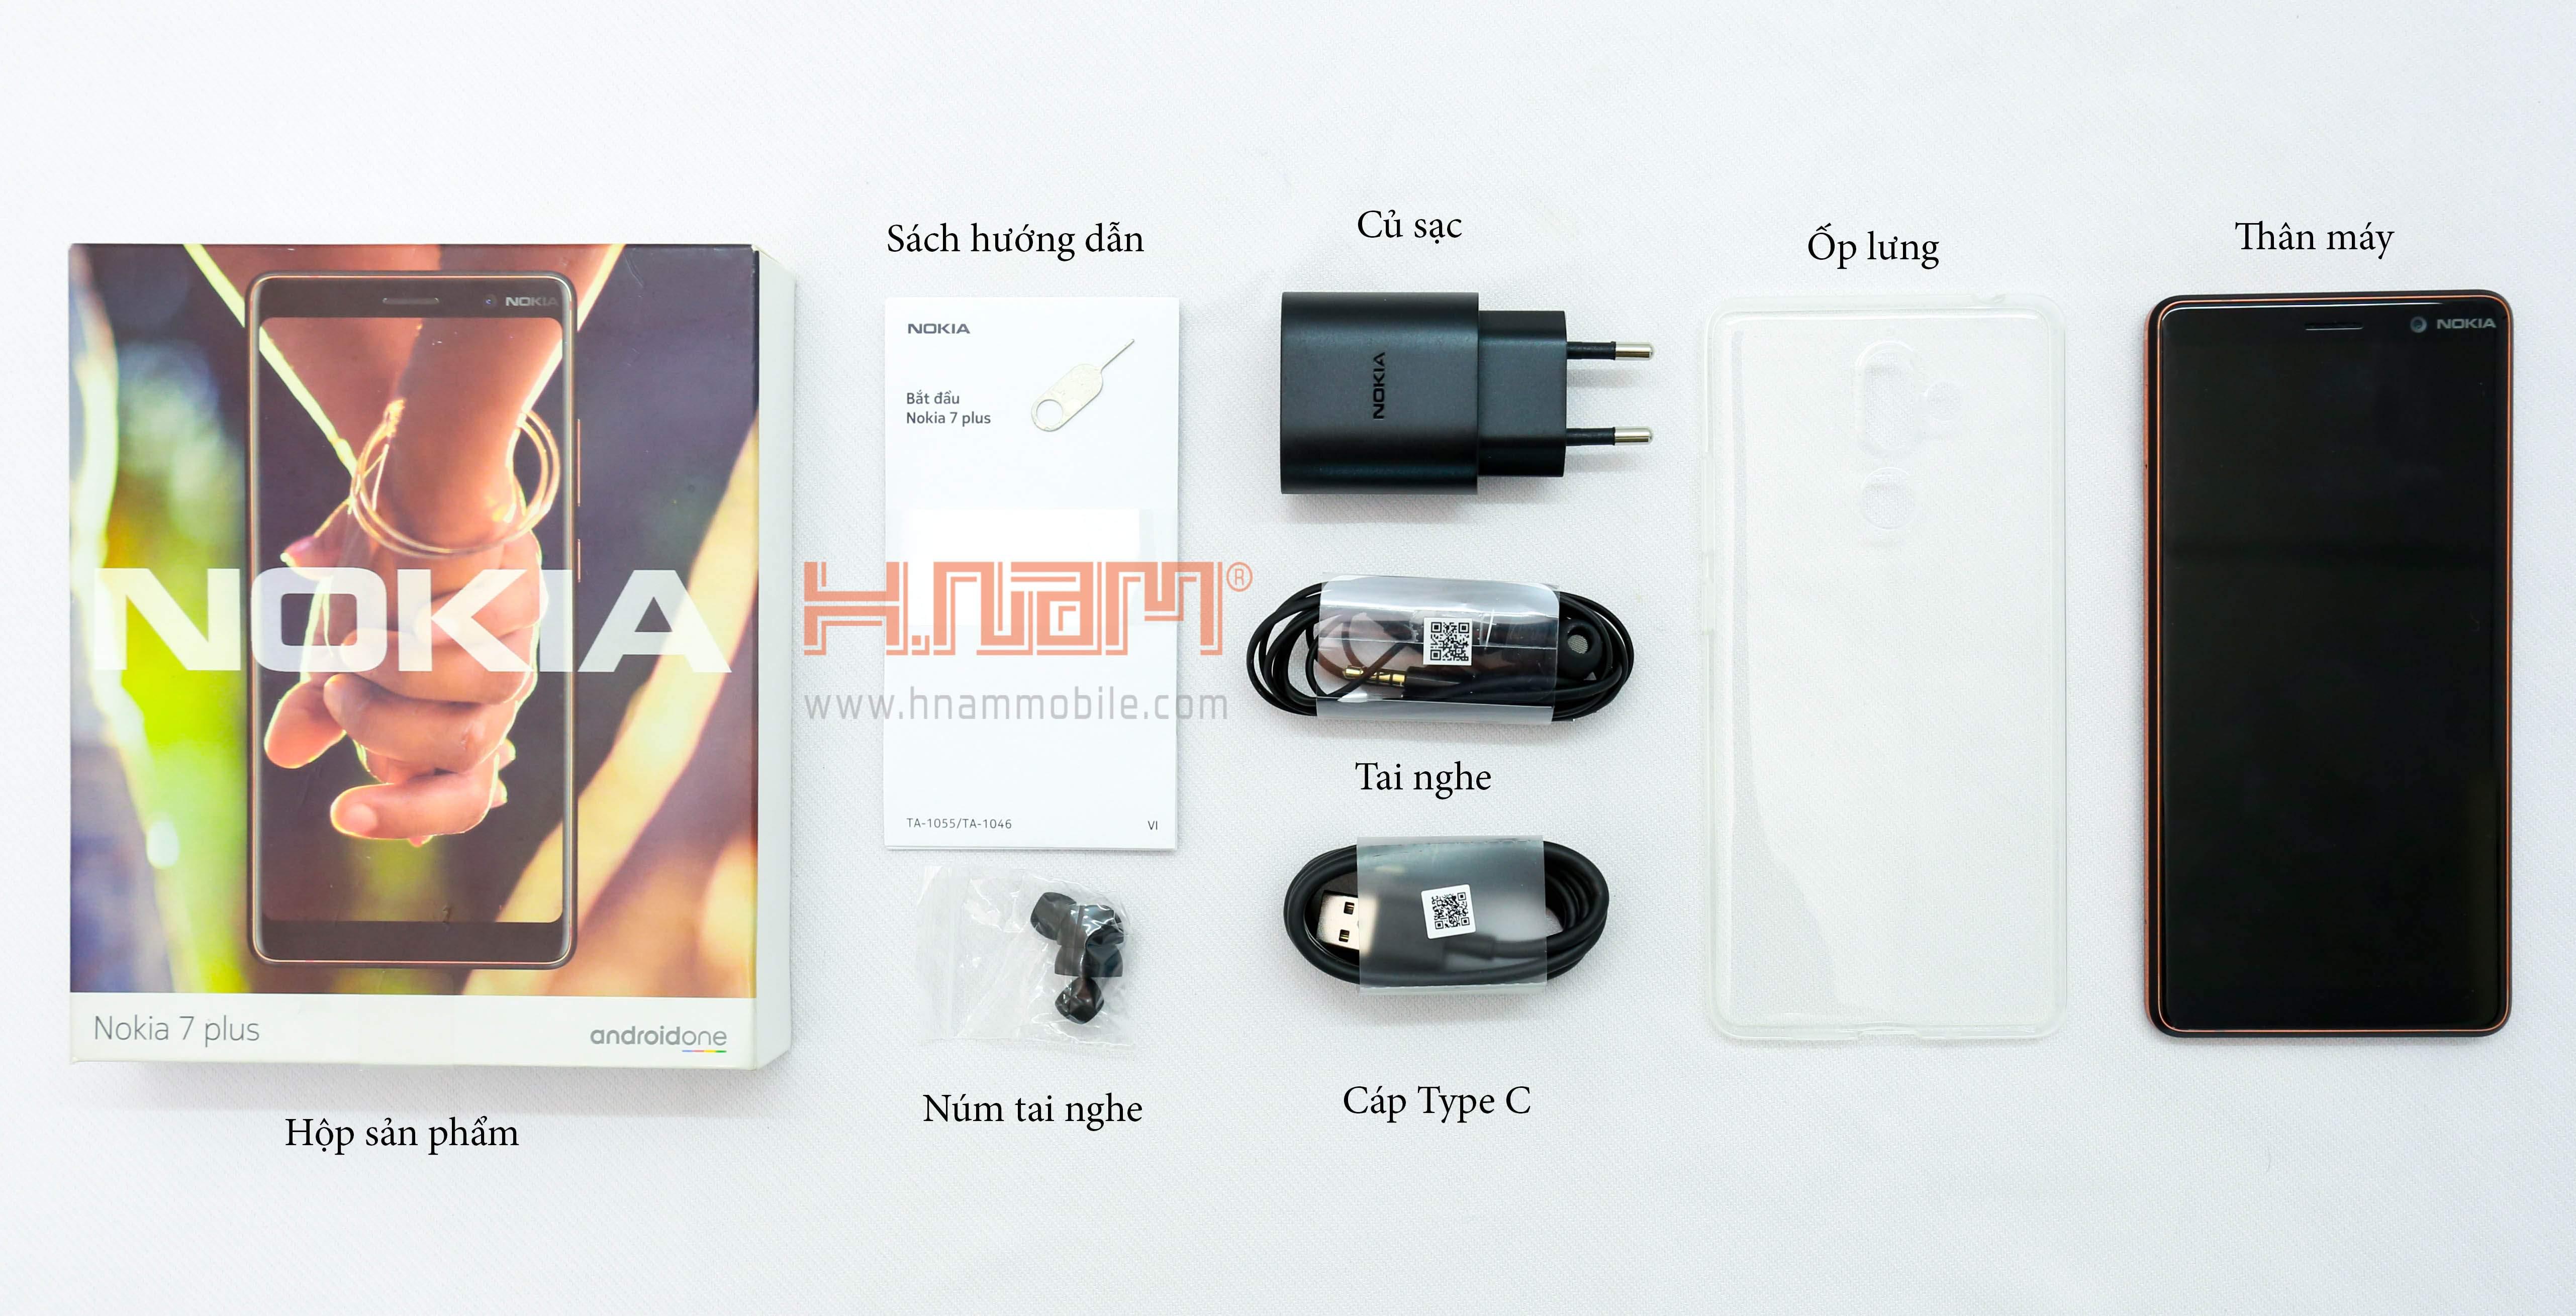 Nokia 7 Plus hình sản phẩm 0